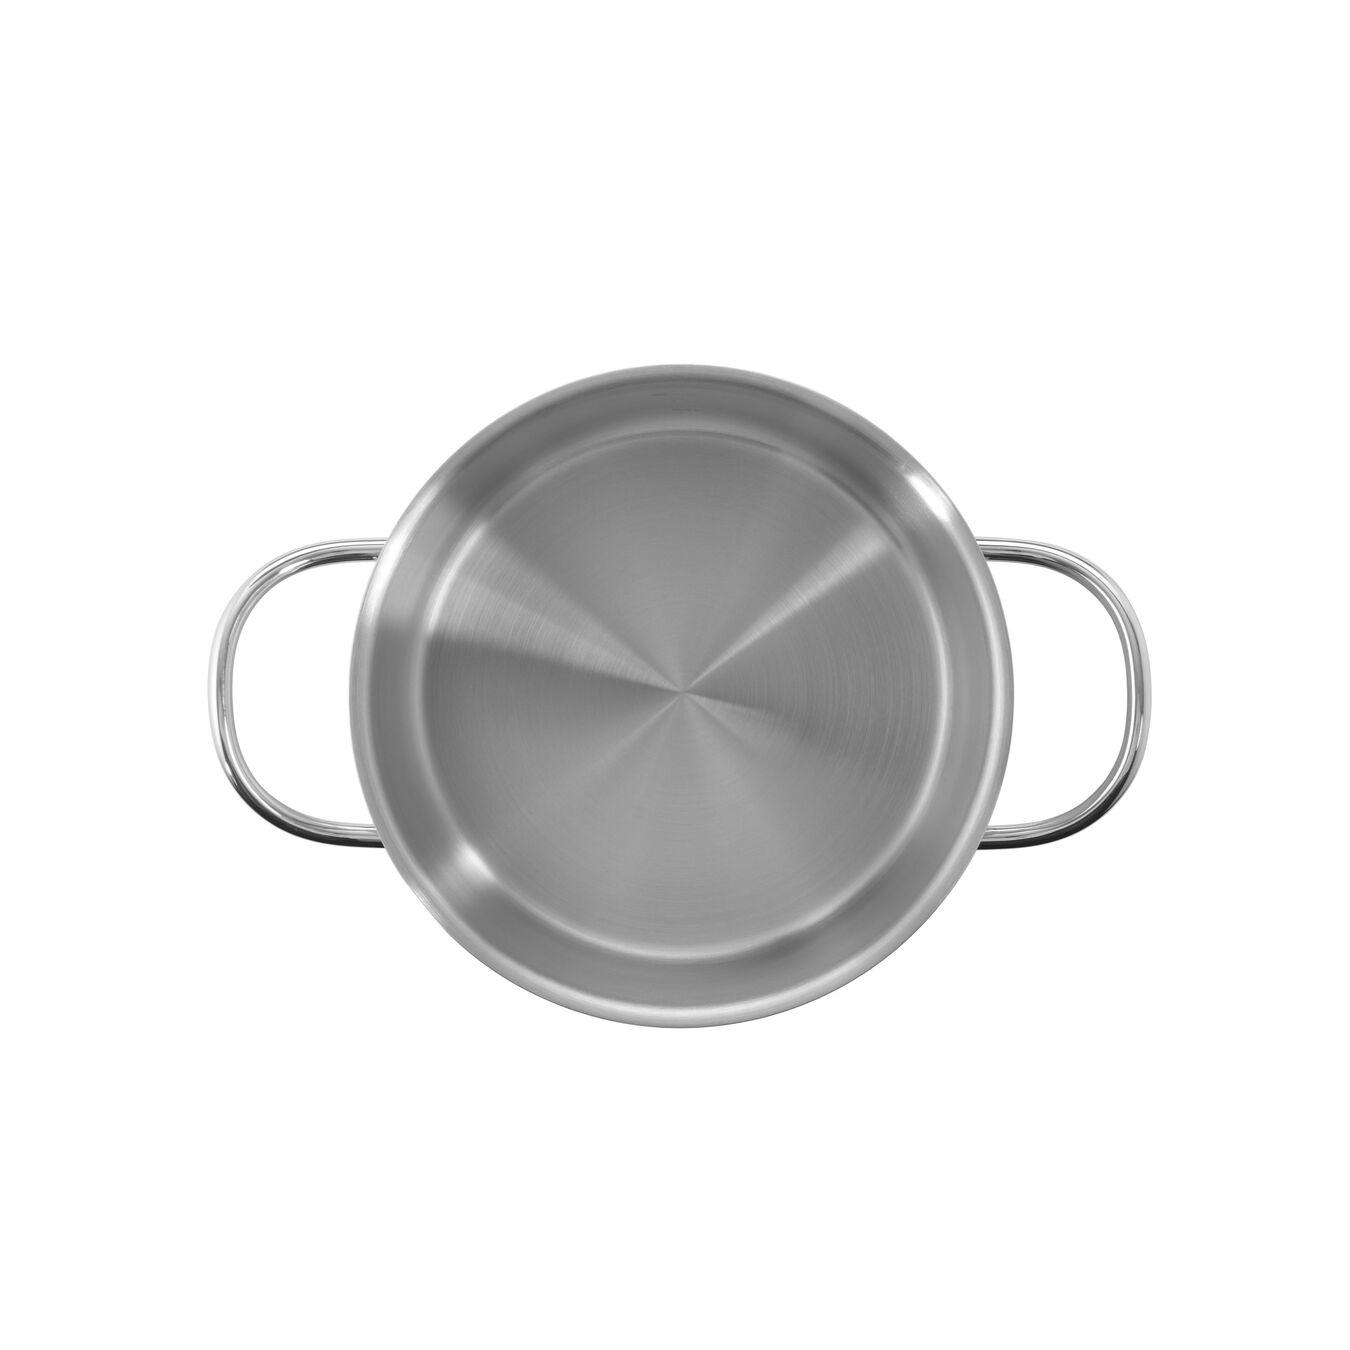 Derin Tencere | 18/10 Paslanmaz Çelik | 20 cm,,large 3